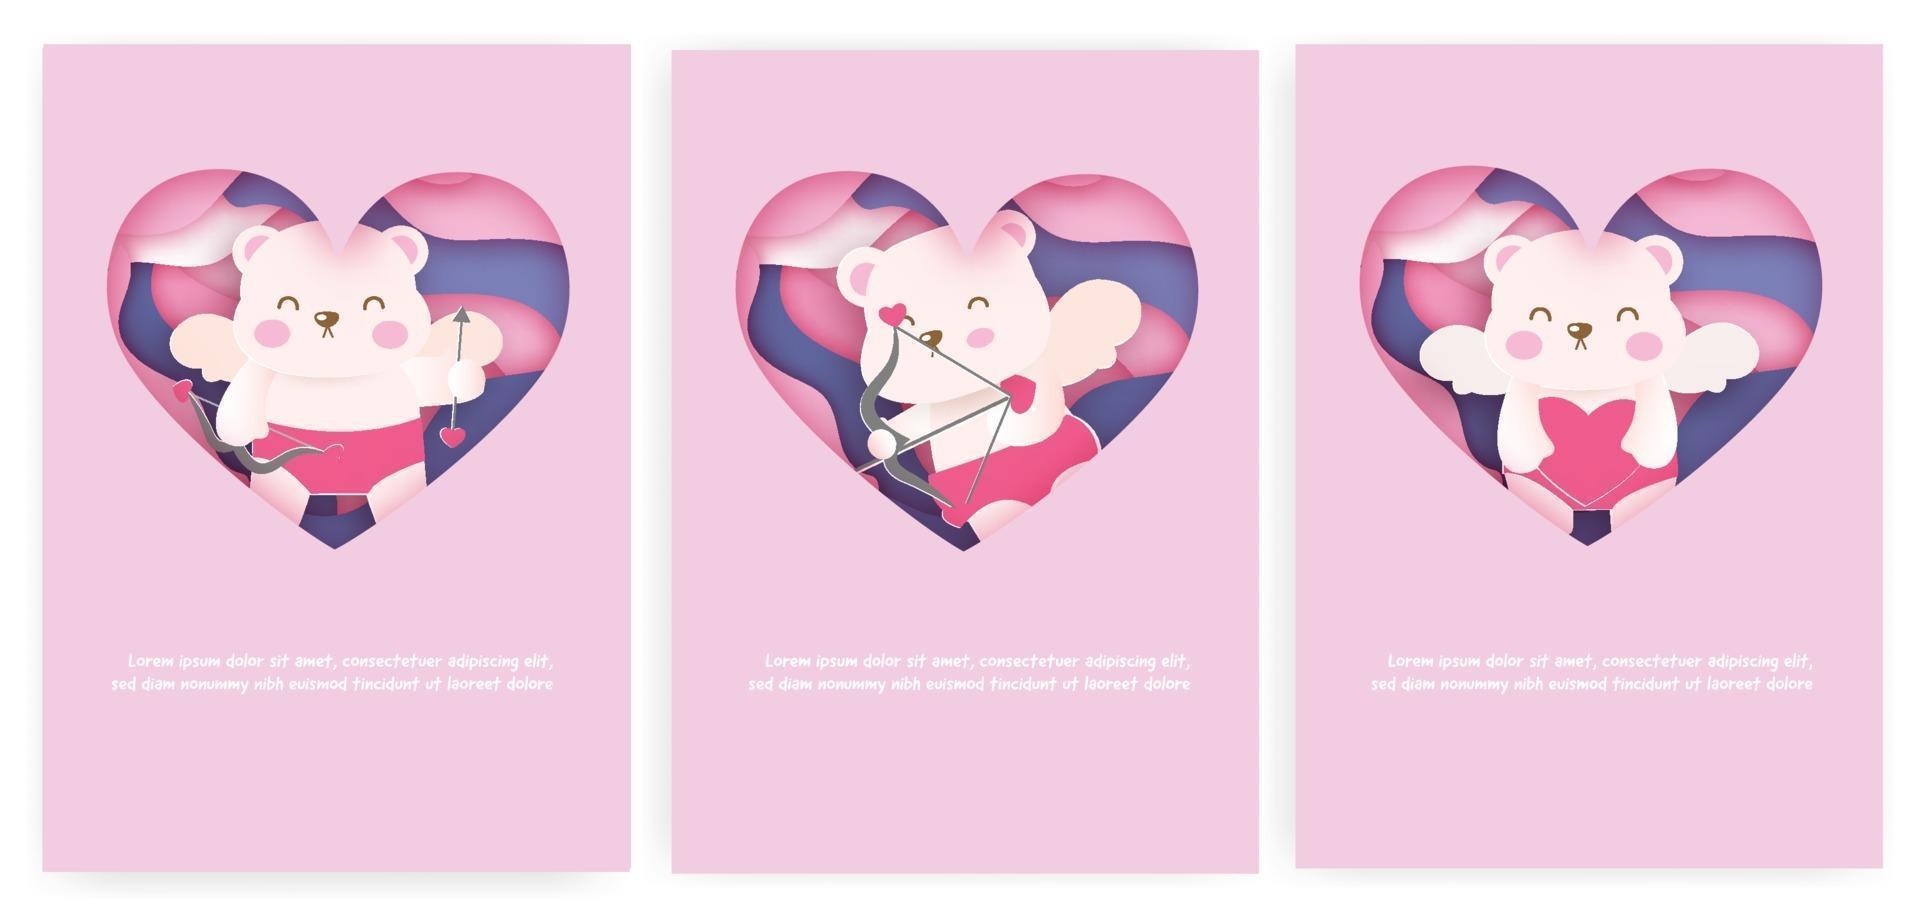 ensemble de cartes de la Saint-Valentin avec de jolis oursons cupidon vecteur